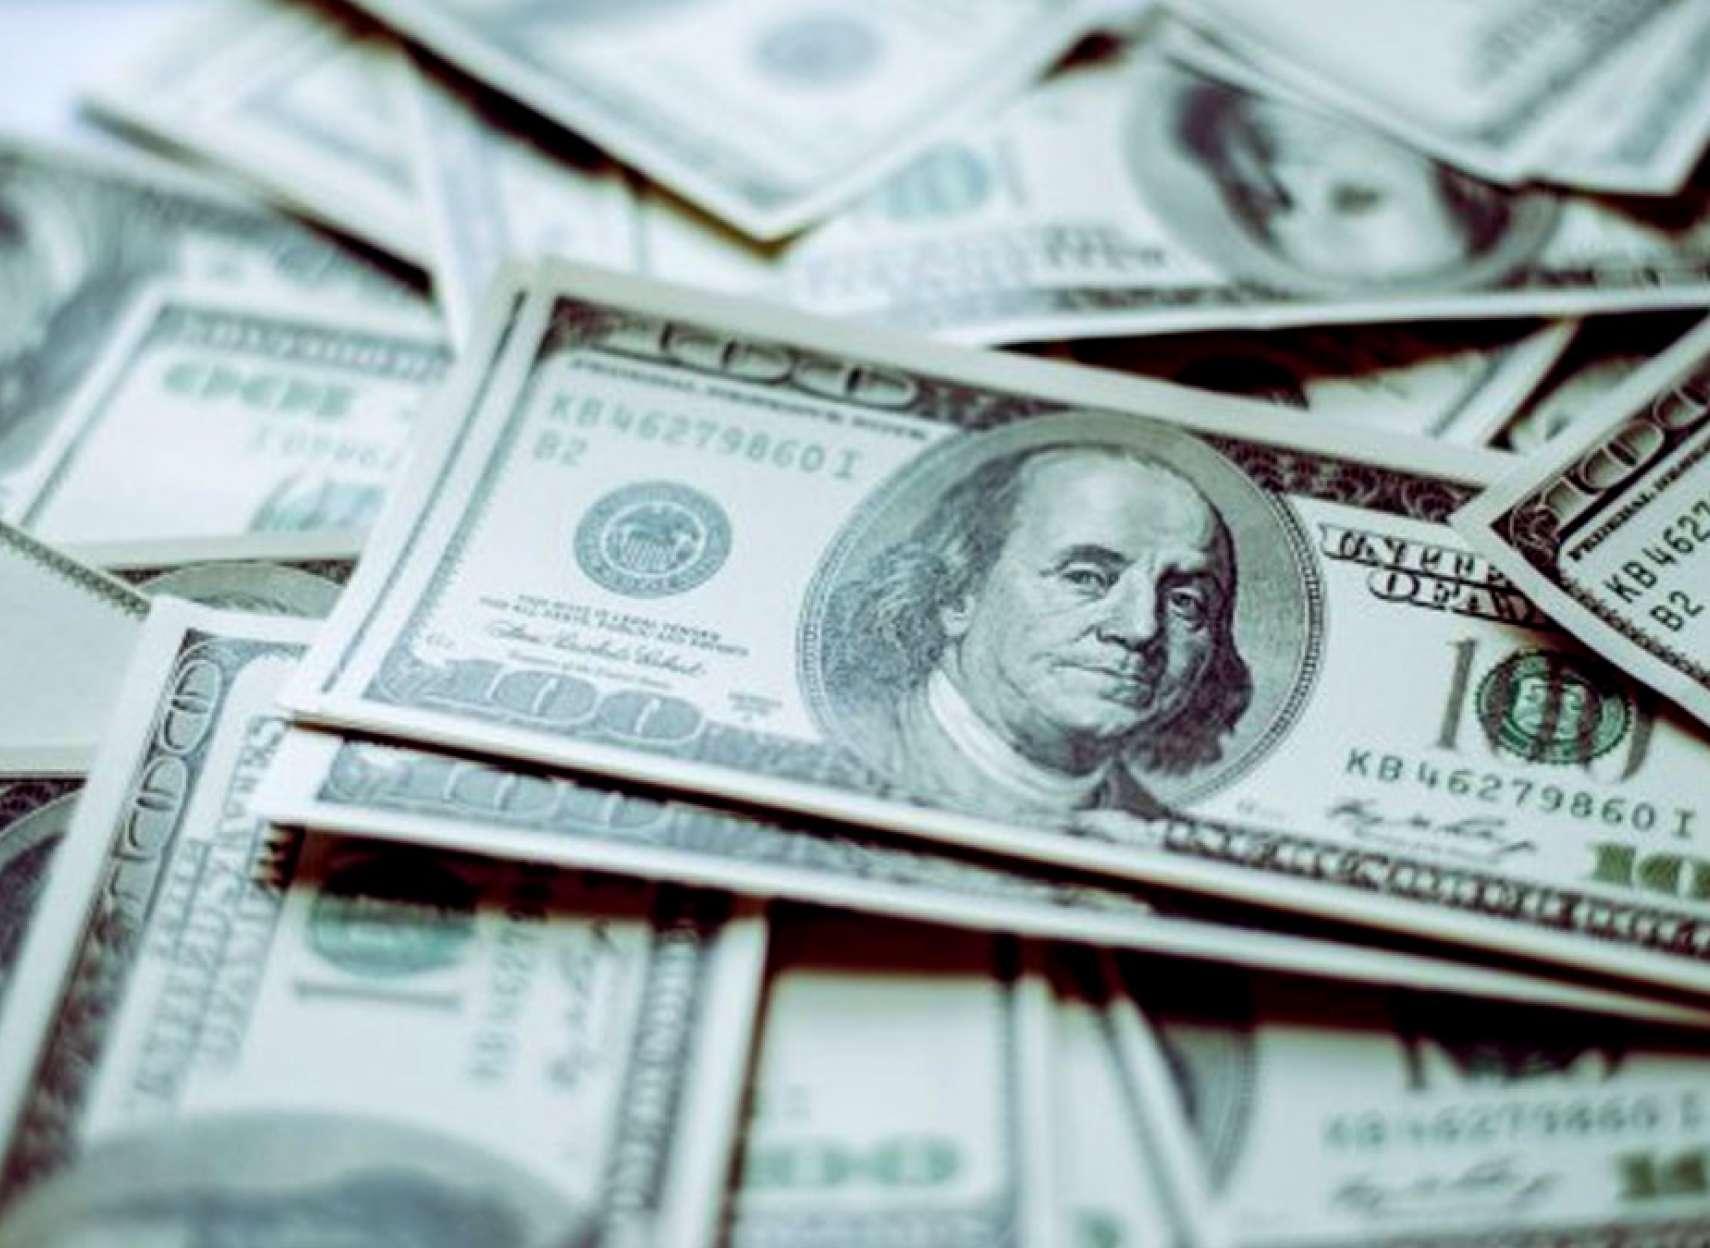 مقاله-اقتصادی-رکورد-تورم-۳۶-درصدی-کانادا-چه-چیزهایی-گران-می-شوند-و-چه-چیزهایی-ارزان